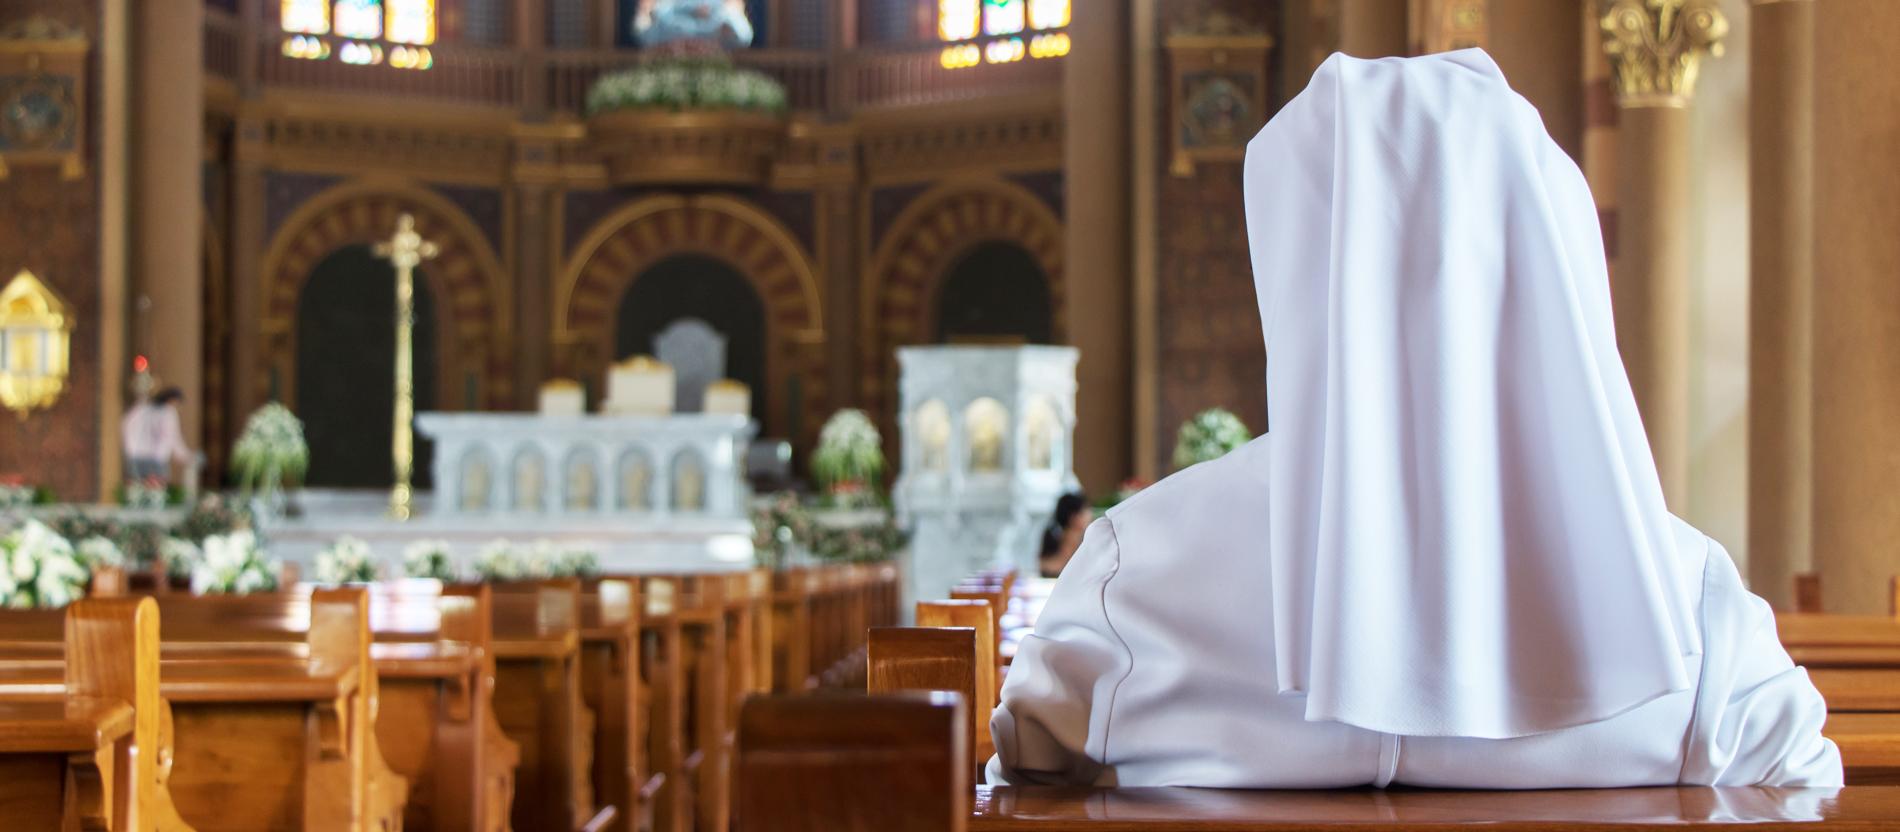 Einer nonne mit sex Eine Nonne